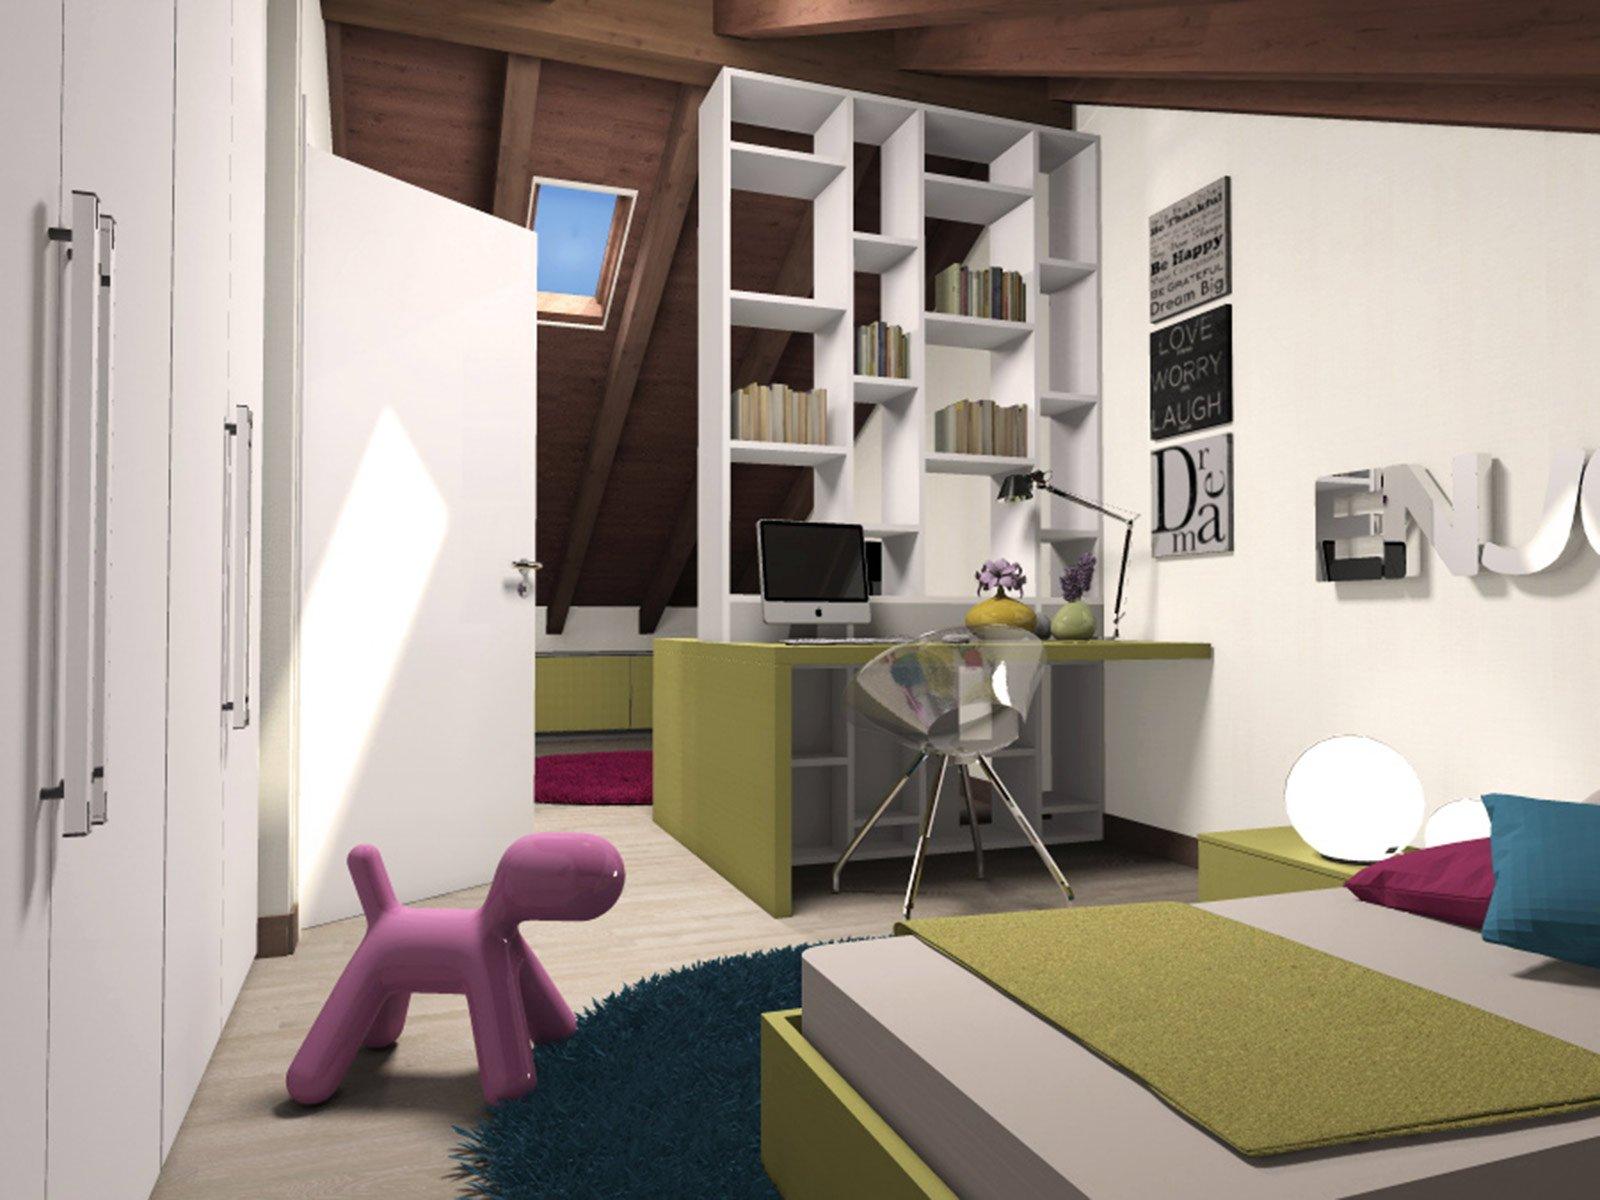 La mansarda da dividere in camera e studio cose di casa for Cameretta dei bambini